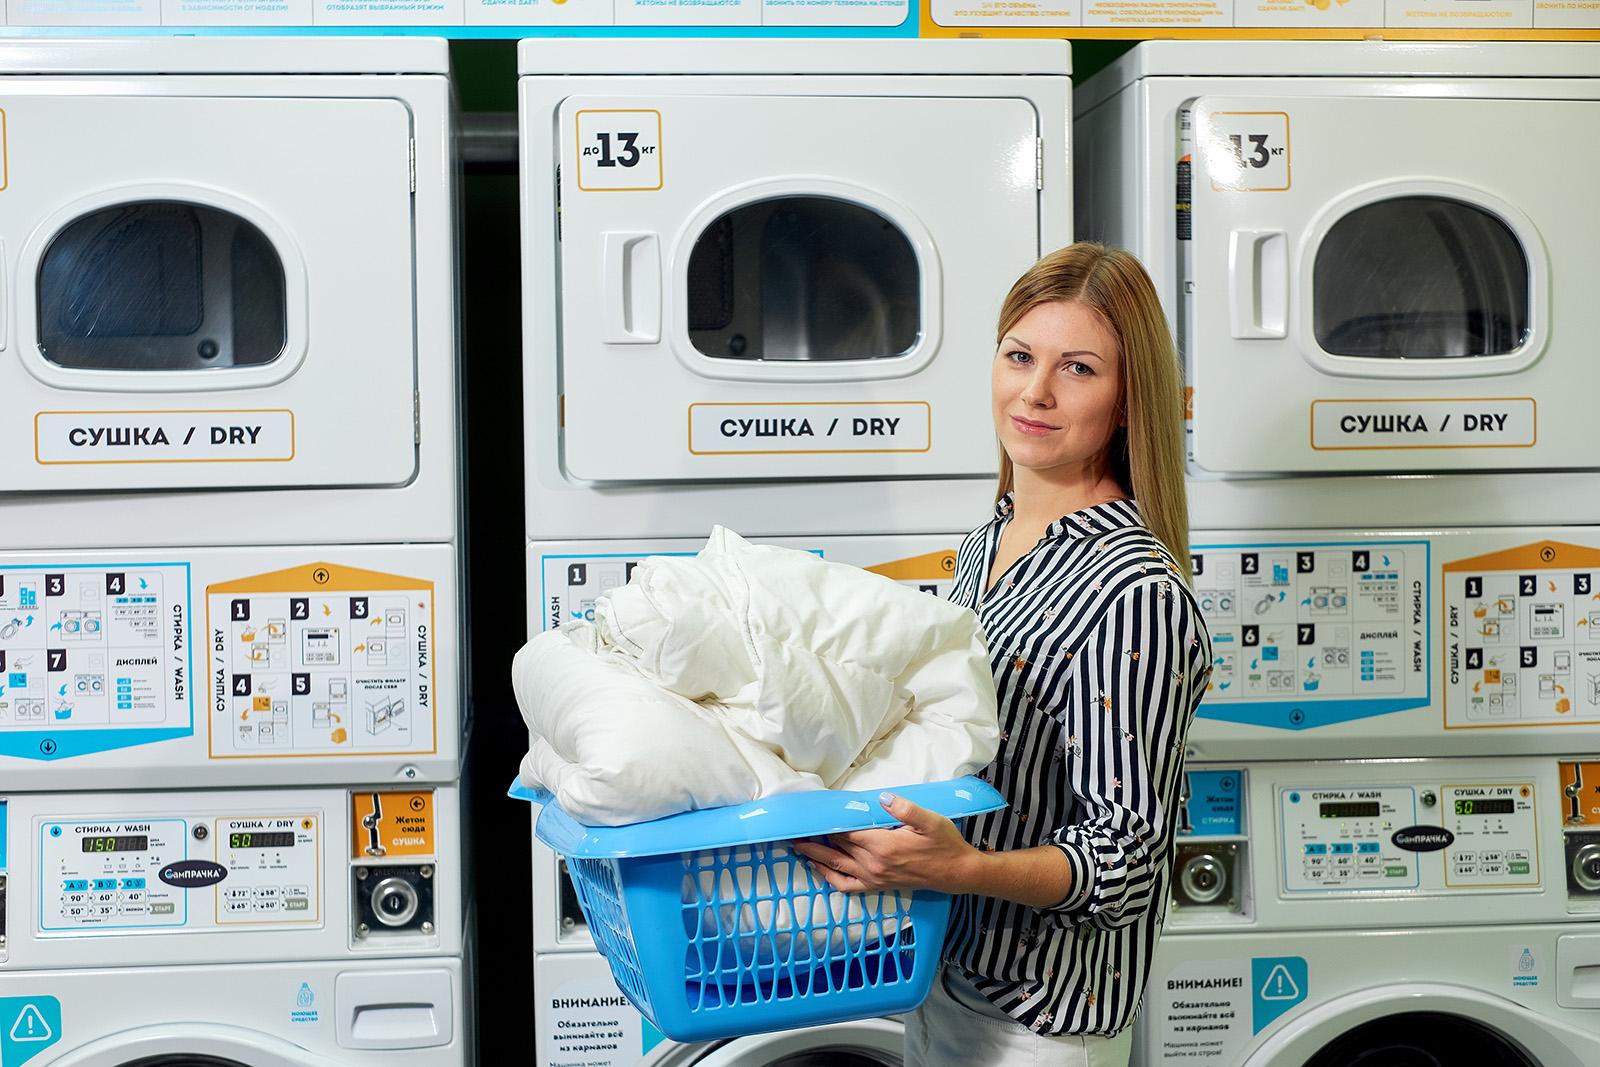 Аквачистка с доставкой по городу Барнаулу на следующий день, быстрее чем сдать вещи в химчистку